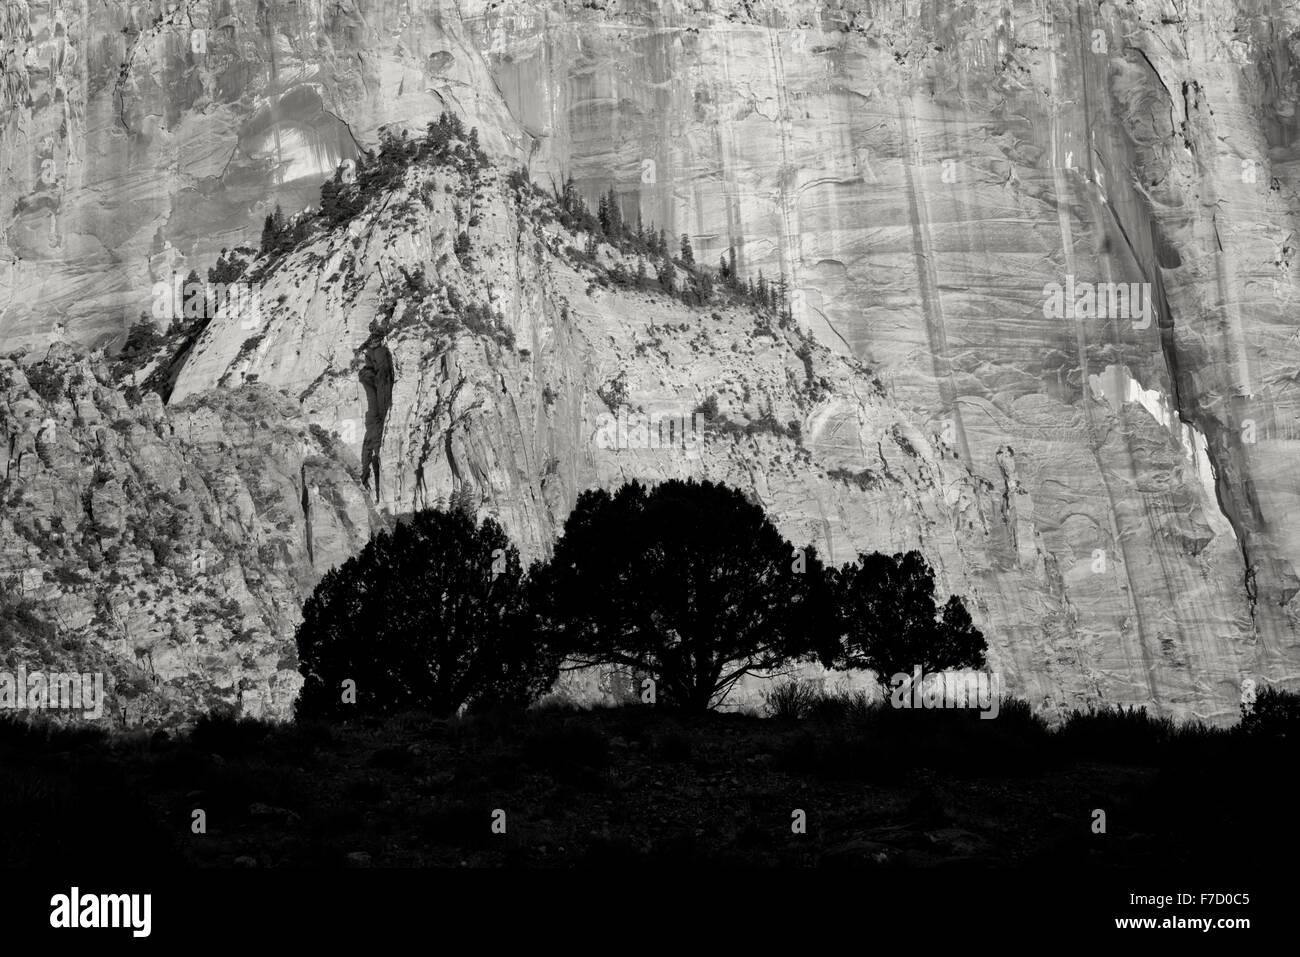 La silhouette des arbres et du Temple et les tours de la Vierge. Zion National Park, Utah Photo Stock